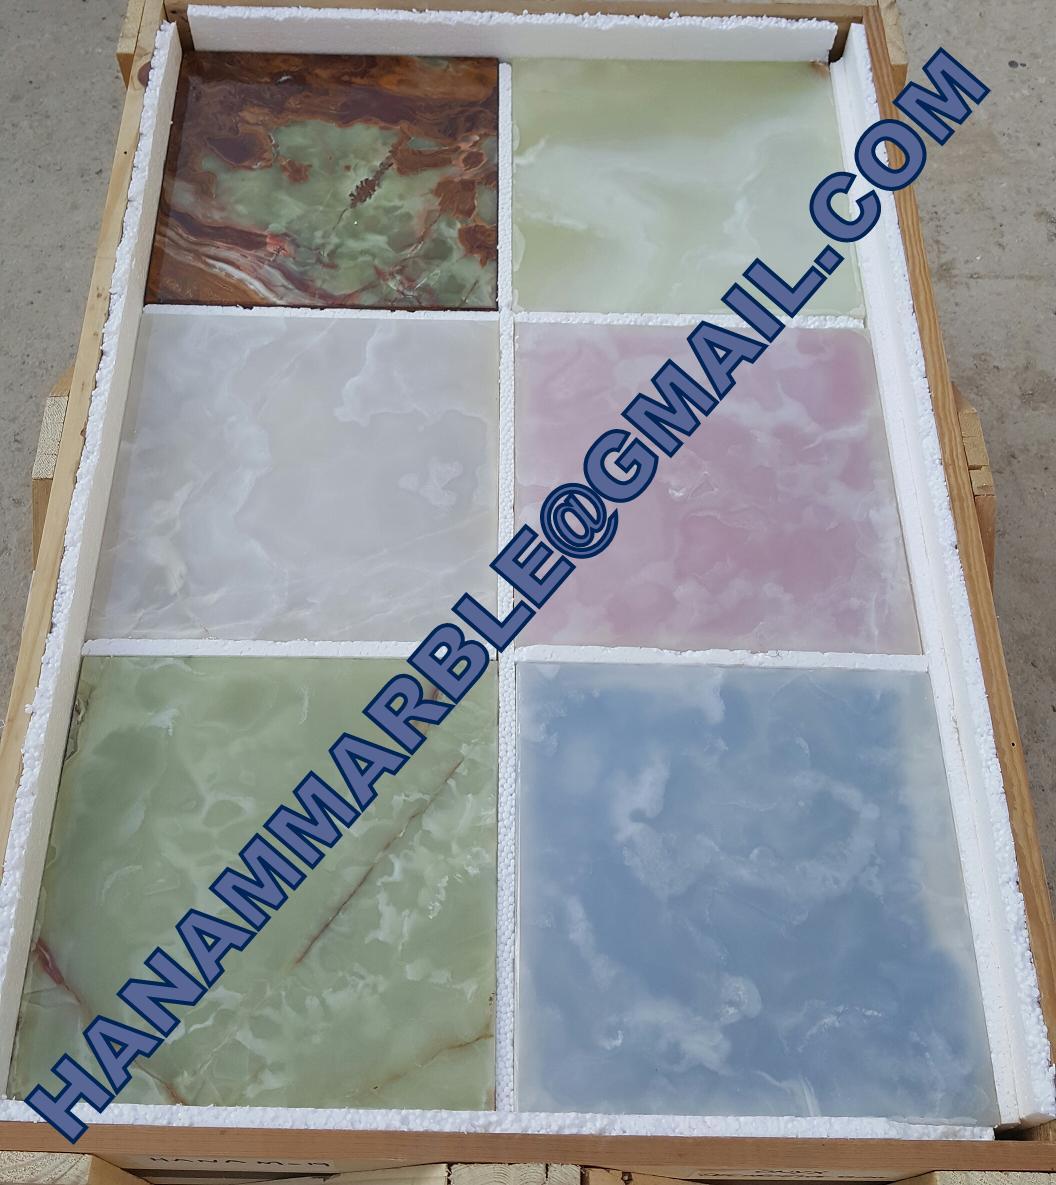 onyx stone tiles, onyx tiles, onyx slabs, onyx mosaic tiles, onyx ...